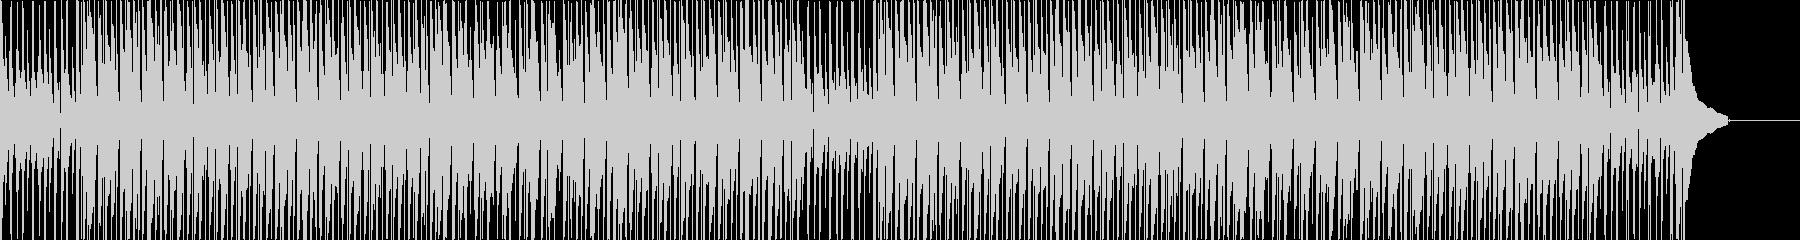 【メロディ抜き】ウクレレの軽快で前向きなの未再生の波形